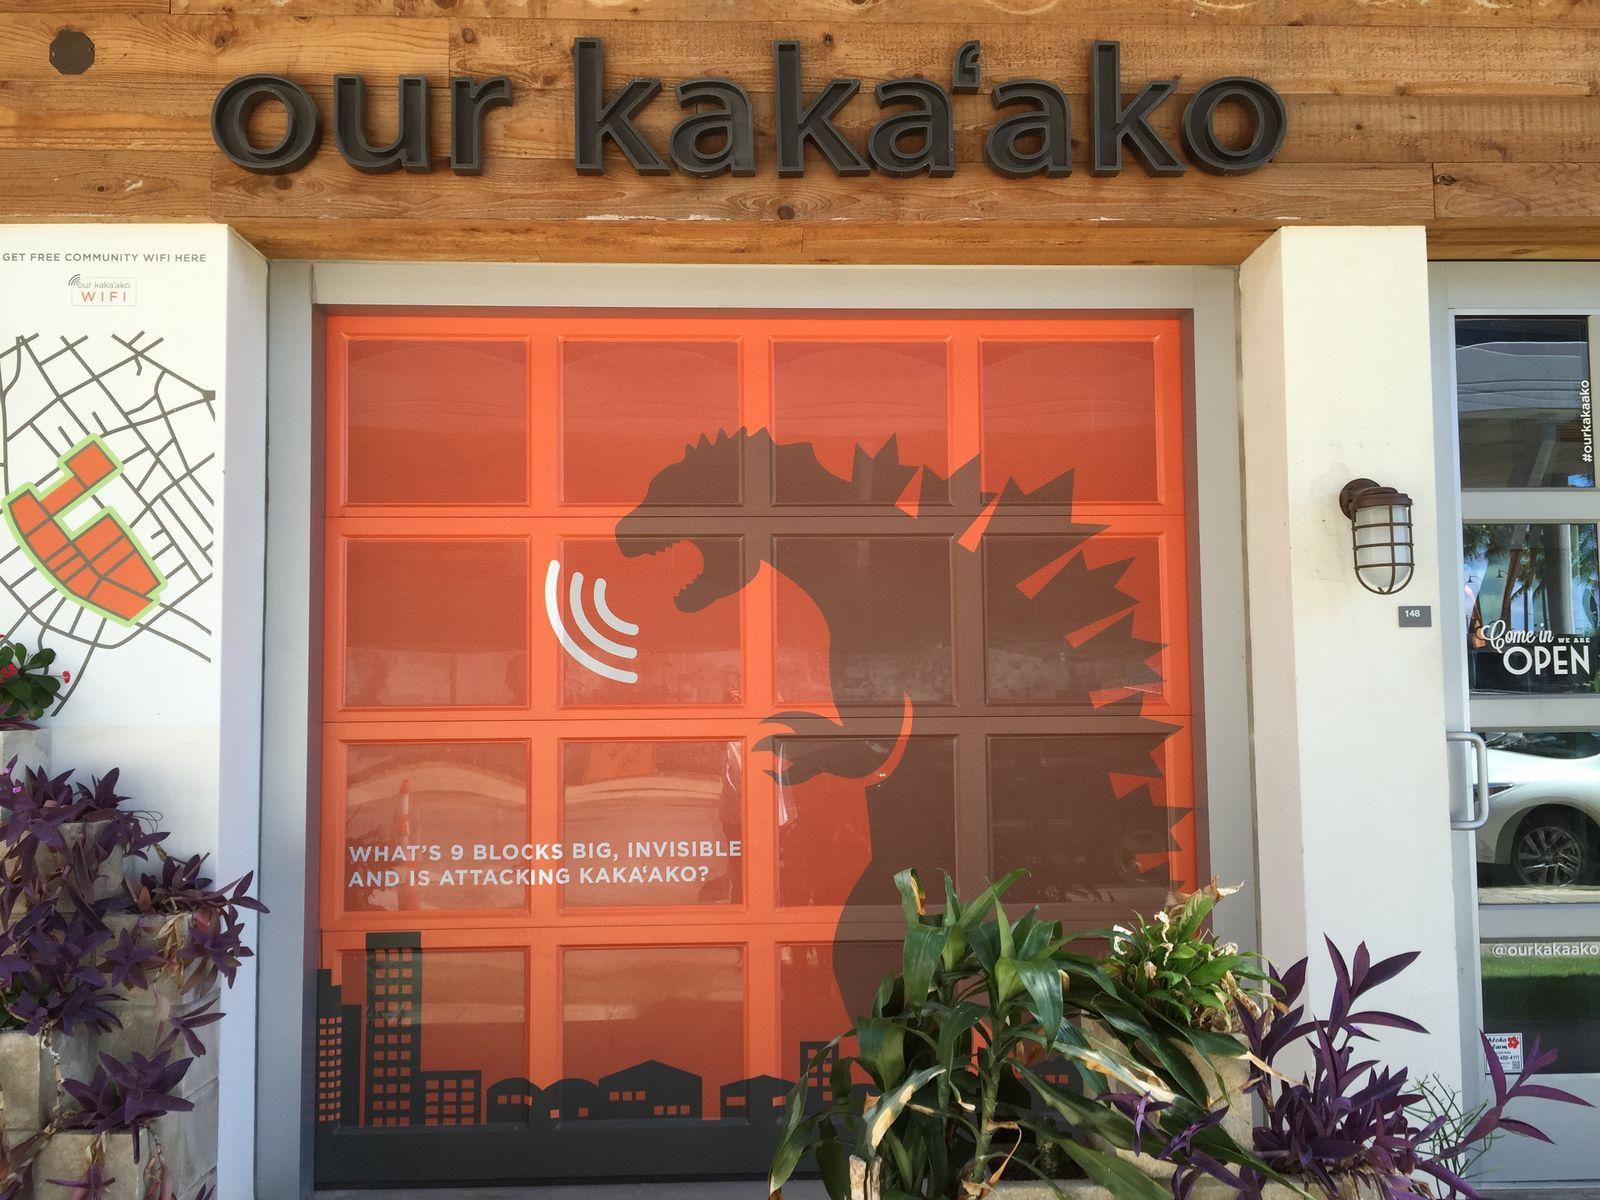 カカアコの町なかにはフリーWi-Fiも。イベント情報は、our kaka'ko(http://www.ourkakaako.com/)にも詳しくでているんでチェックしてみてくださいね。